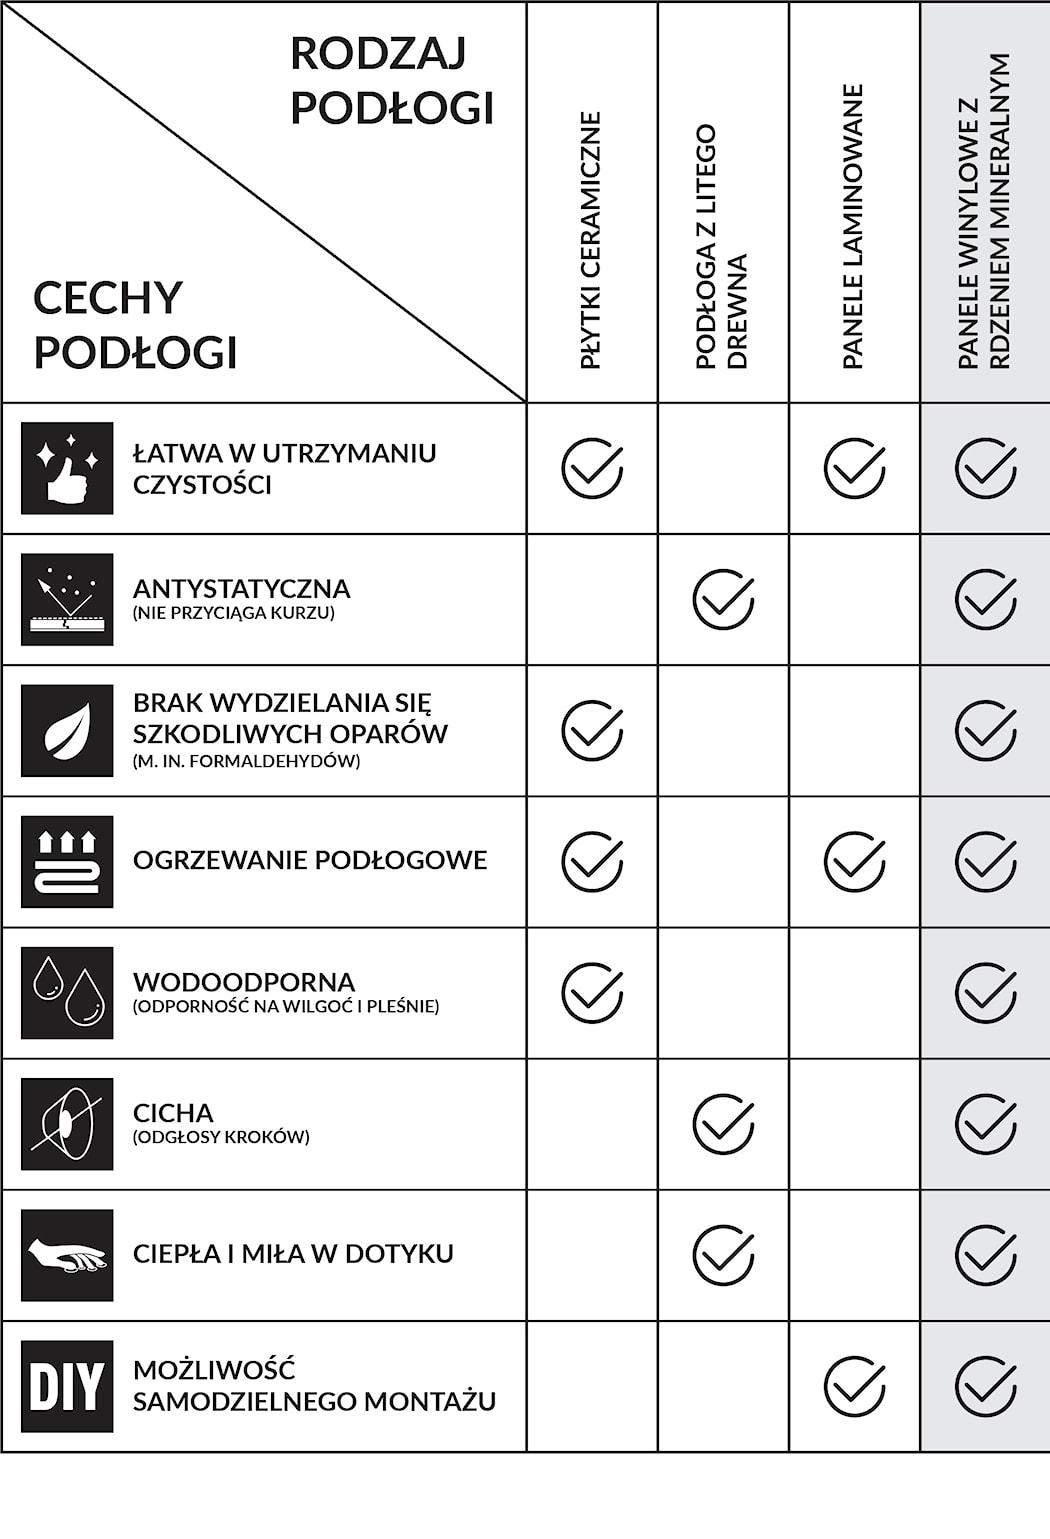 technologia- porównanie jaką podłogę wybrać dla alergika